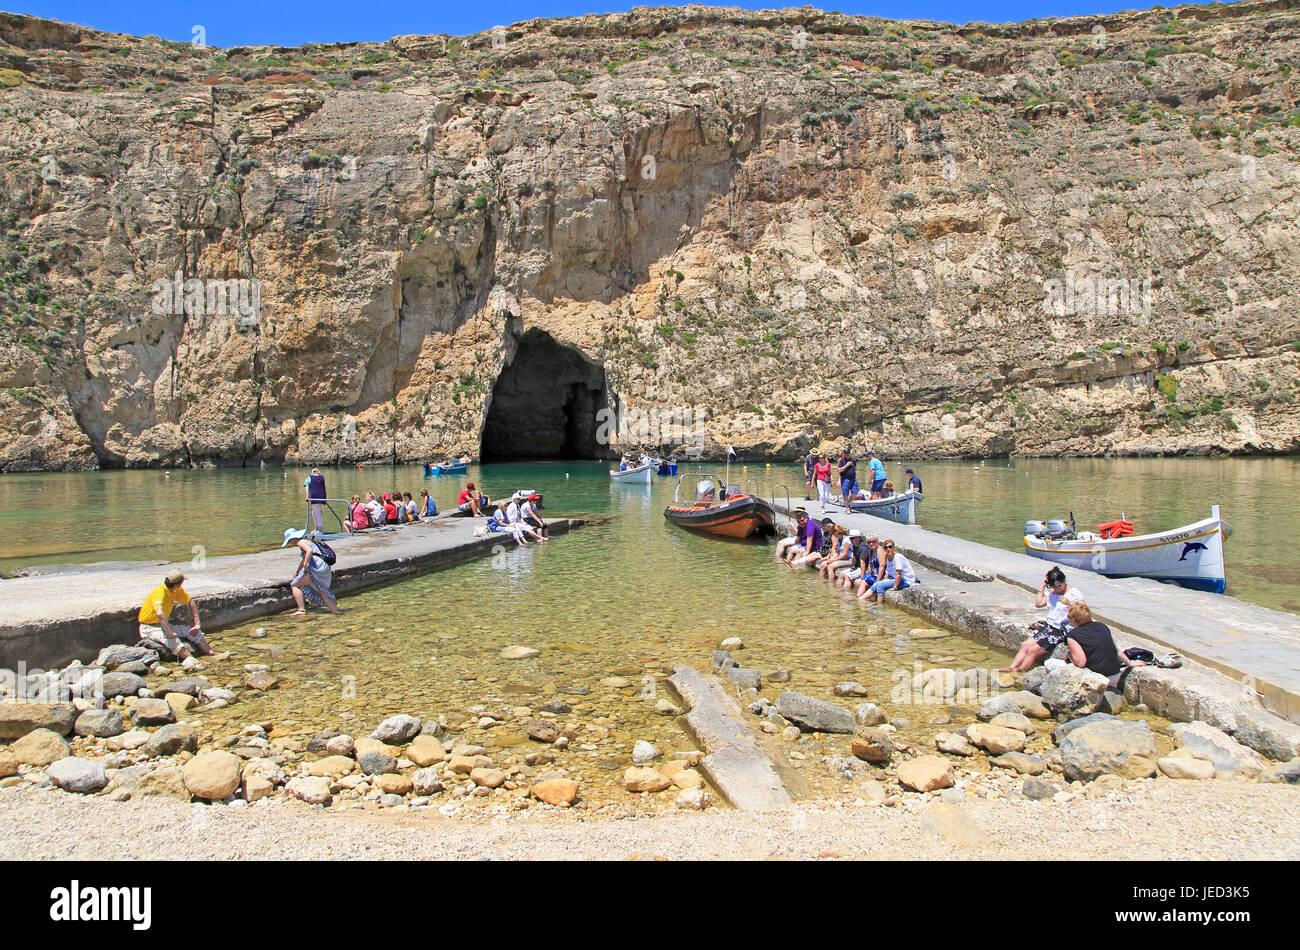 Il Mare Interno di attrazione turistica, Dwerja Bay, isola di Gozo, Malta Foto Stock